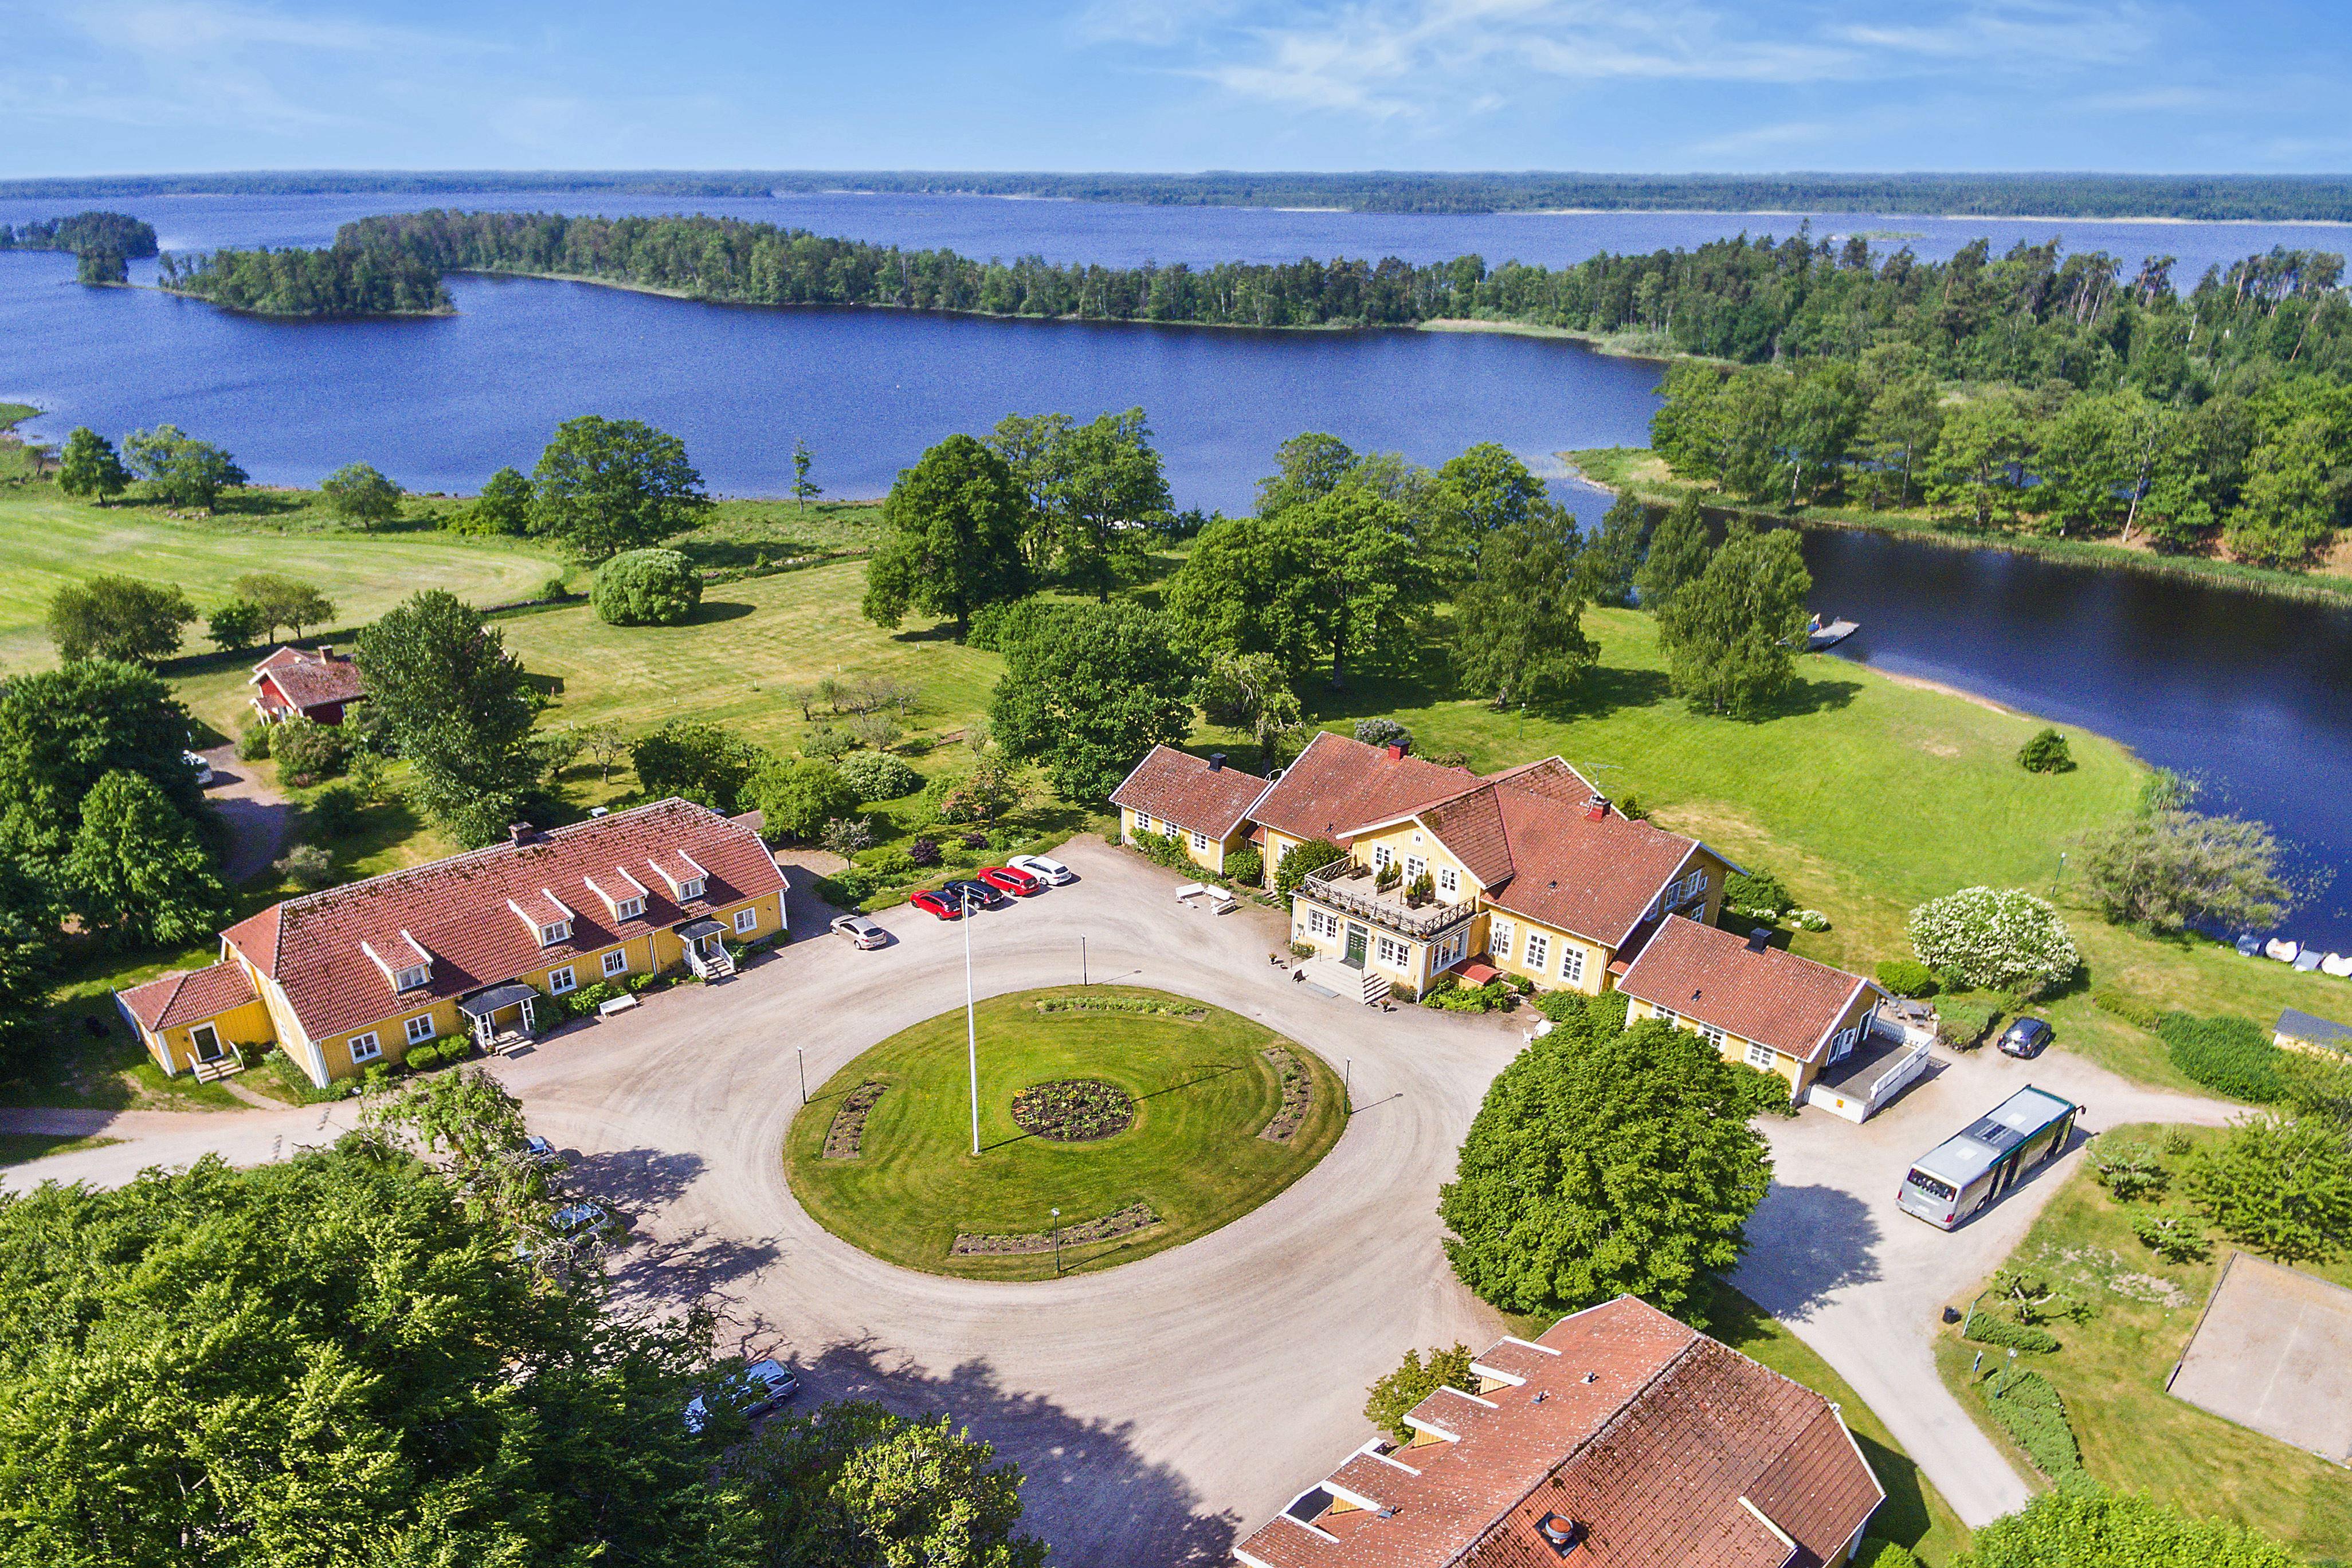 Toftaholm Manor